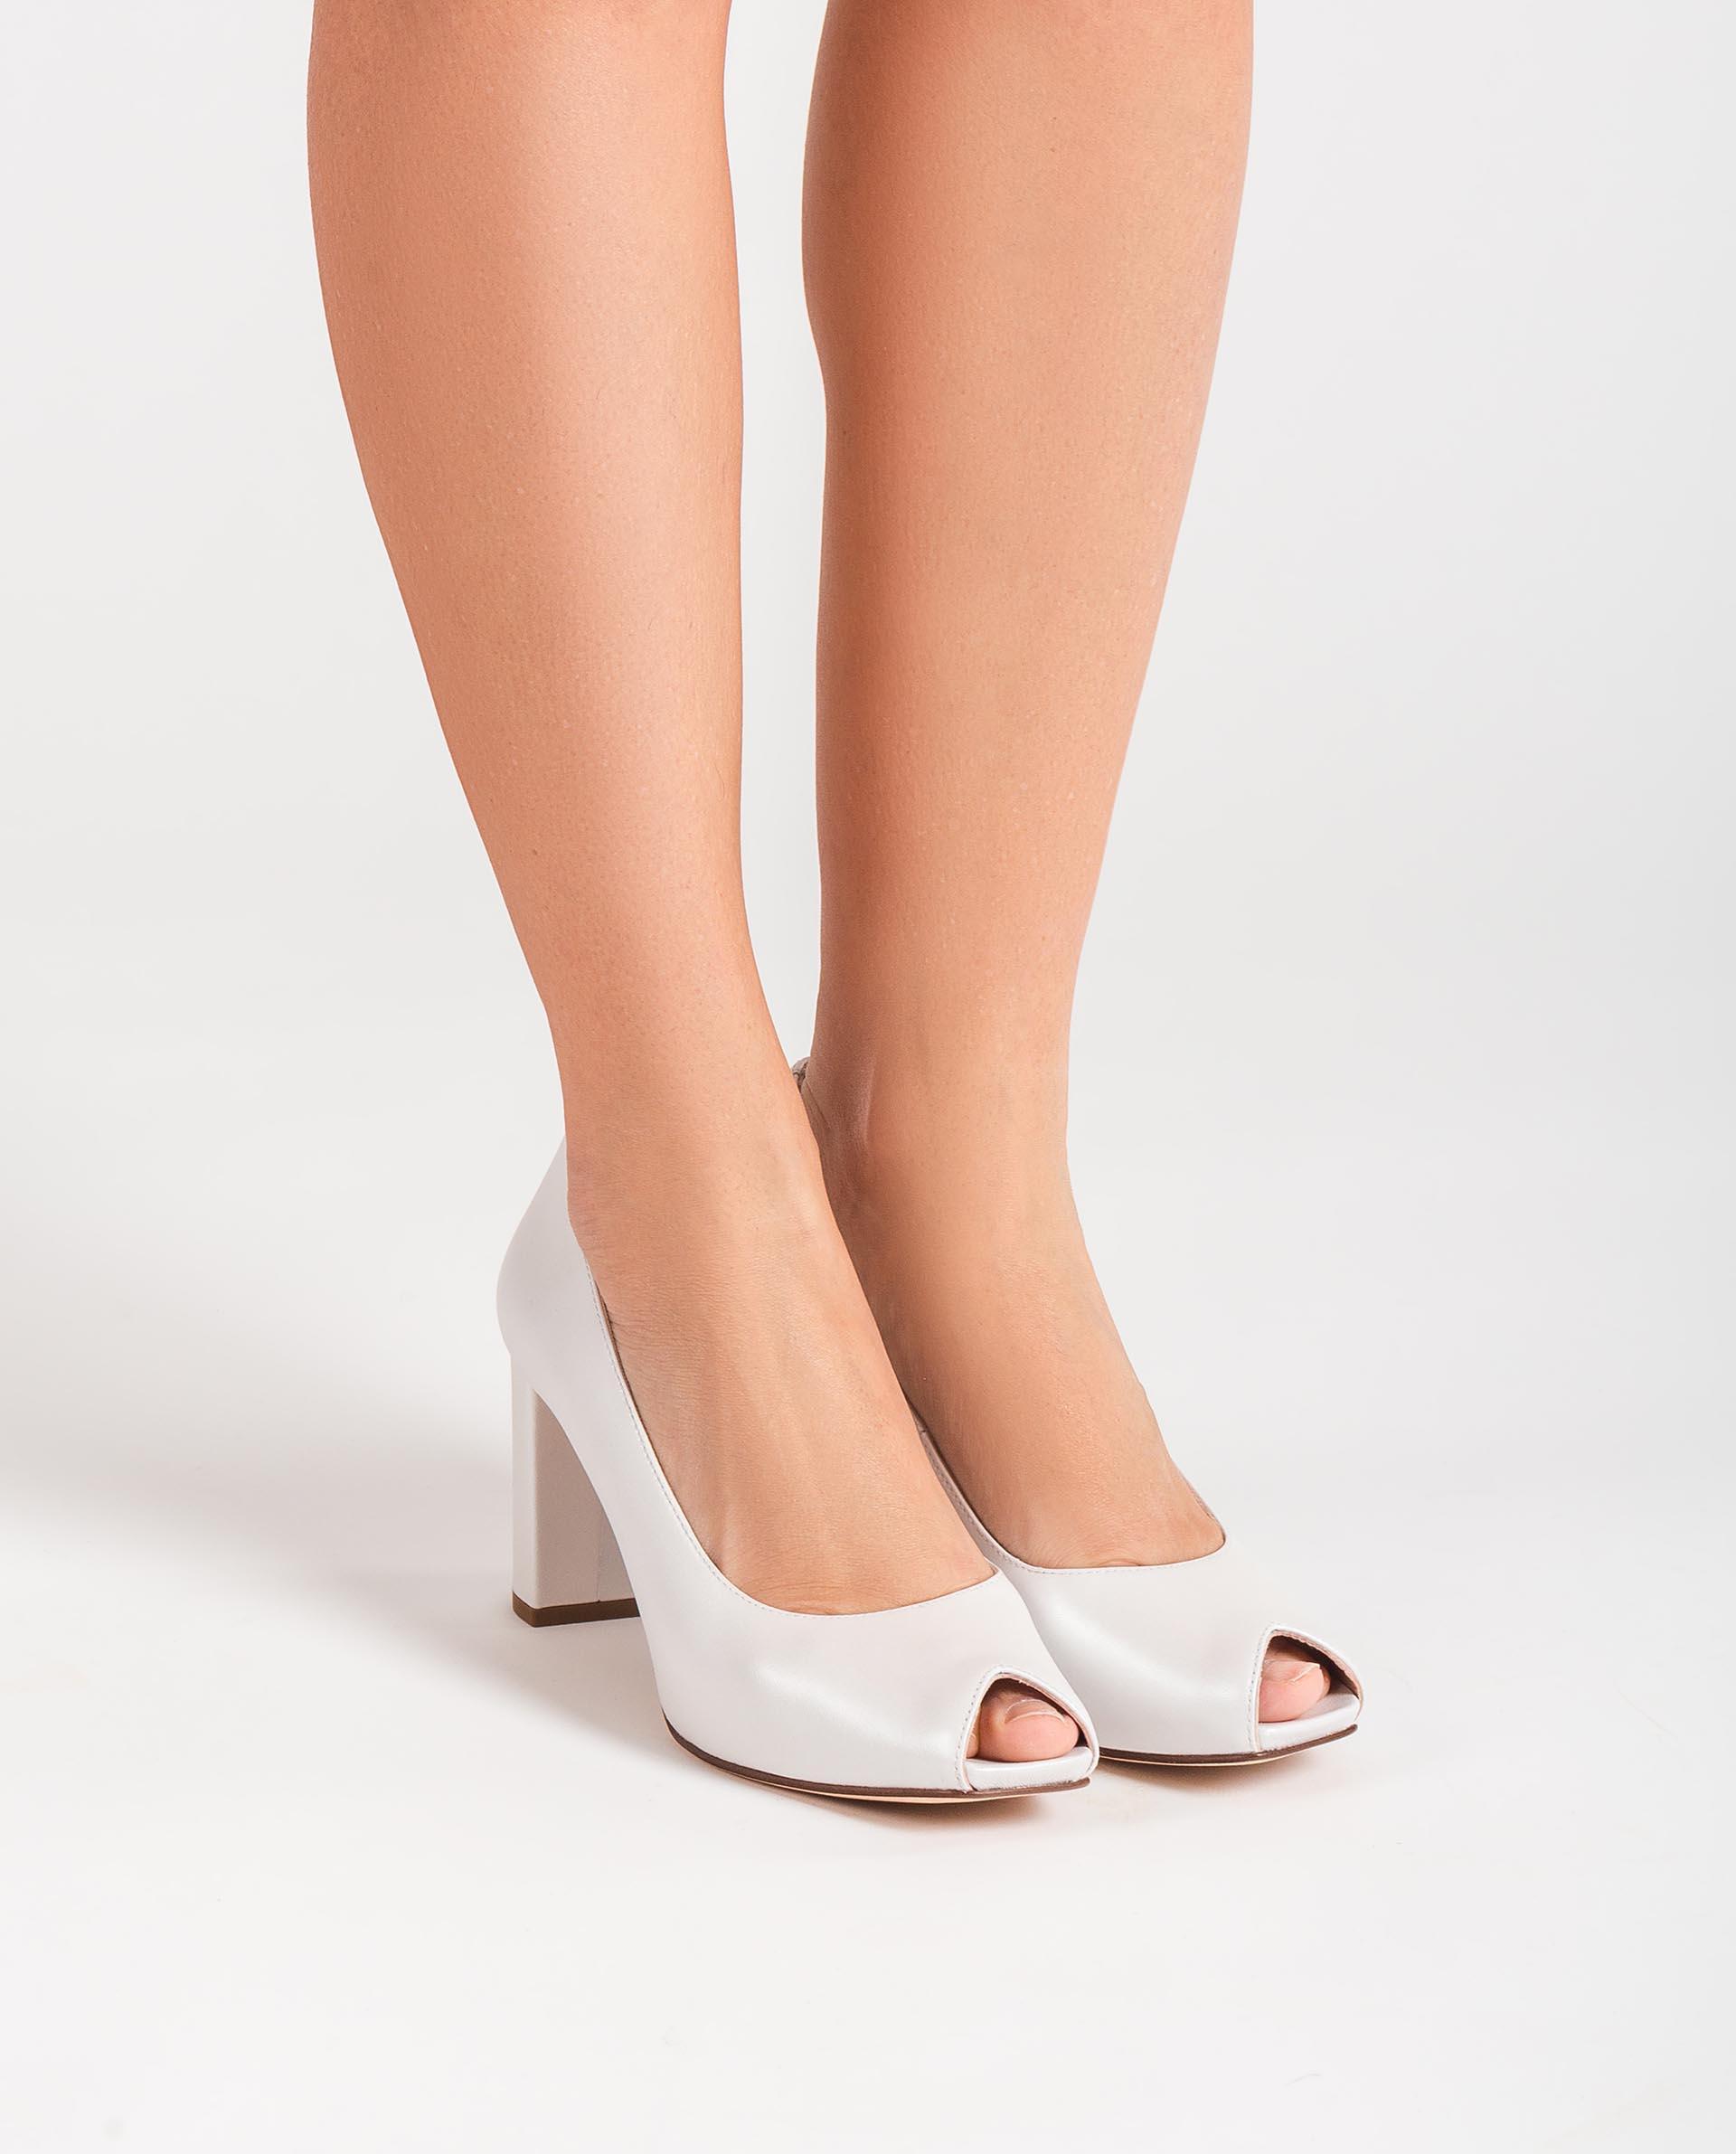 UNISA Bridal high heel leather peep toe shoes NAJIBE_NA_N 2